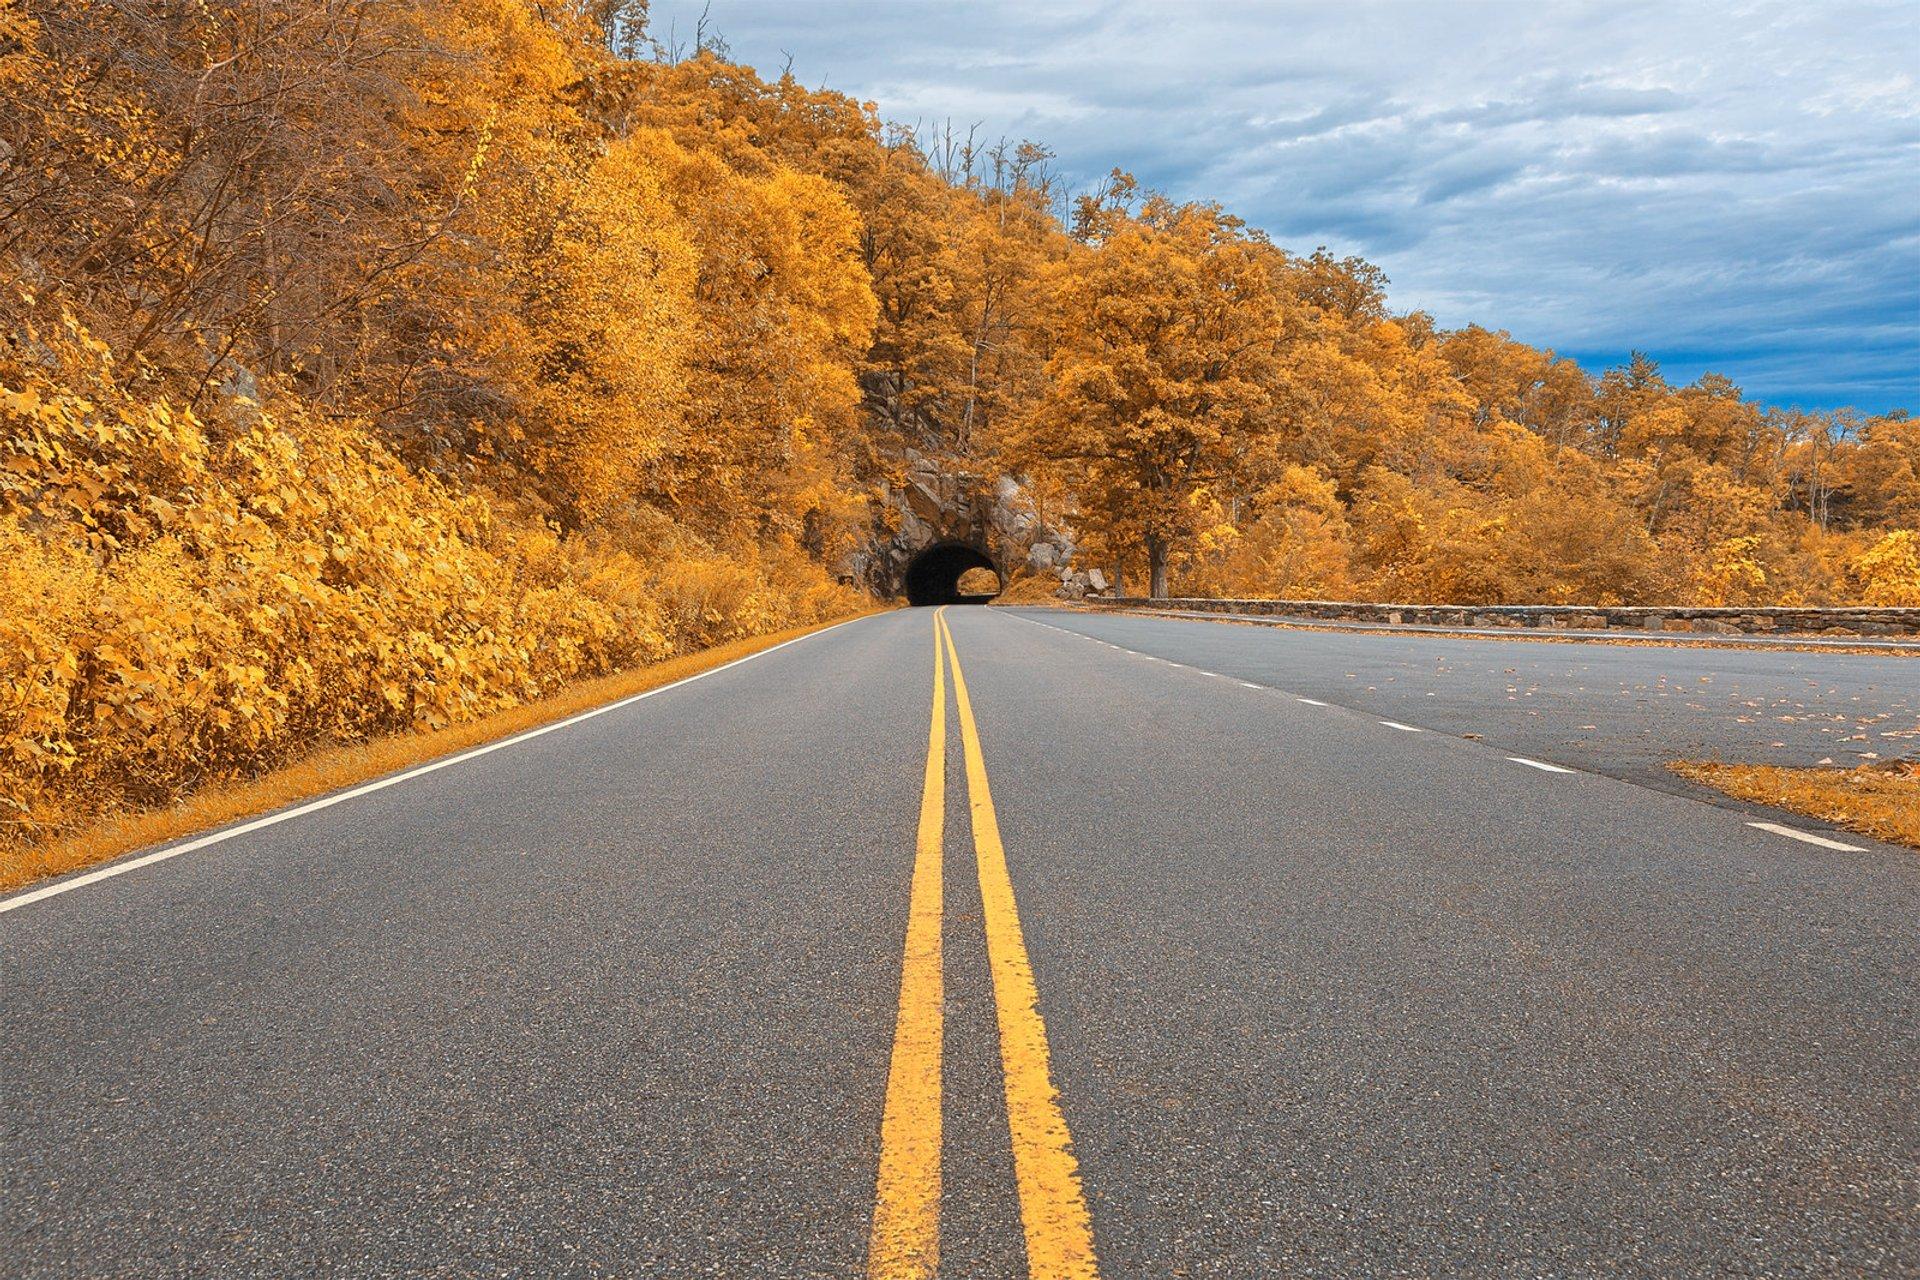 Shenandoah Skyline Drive 2020